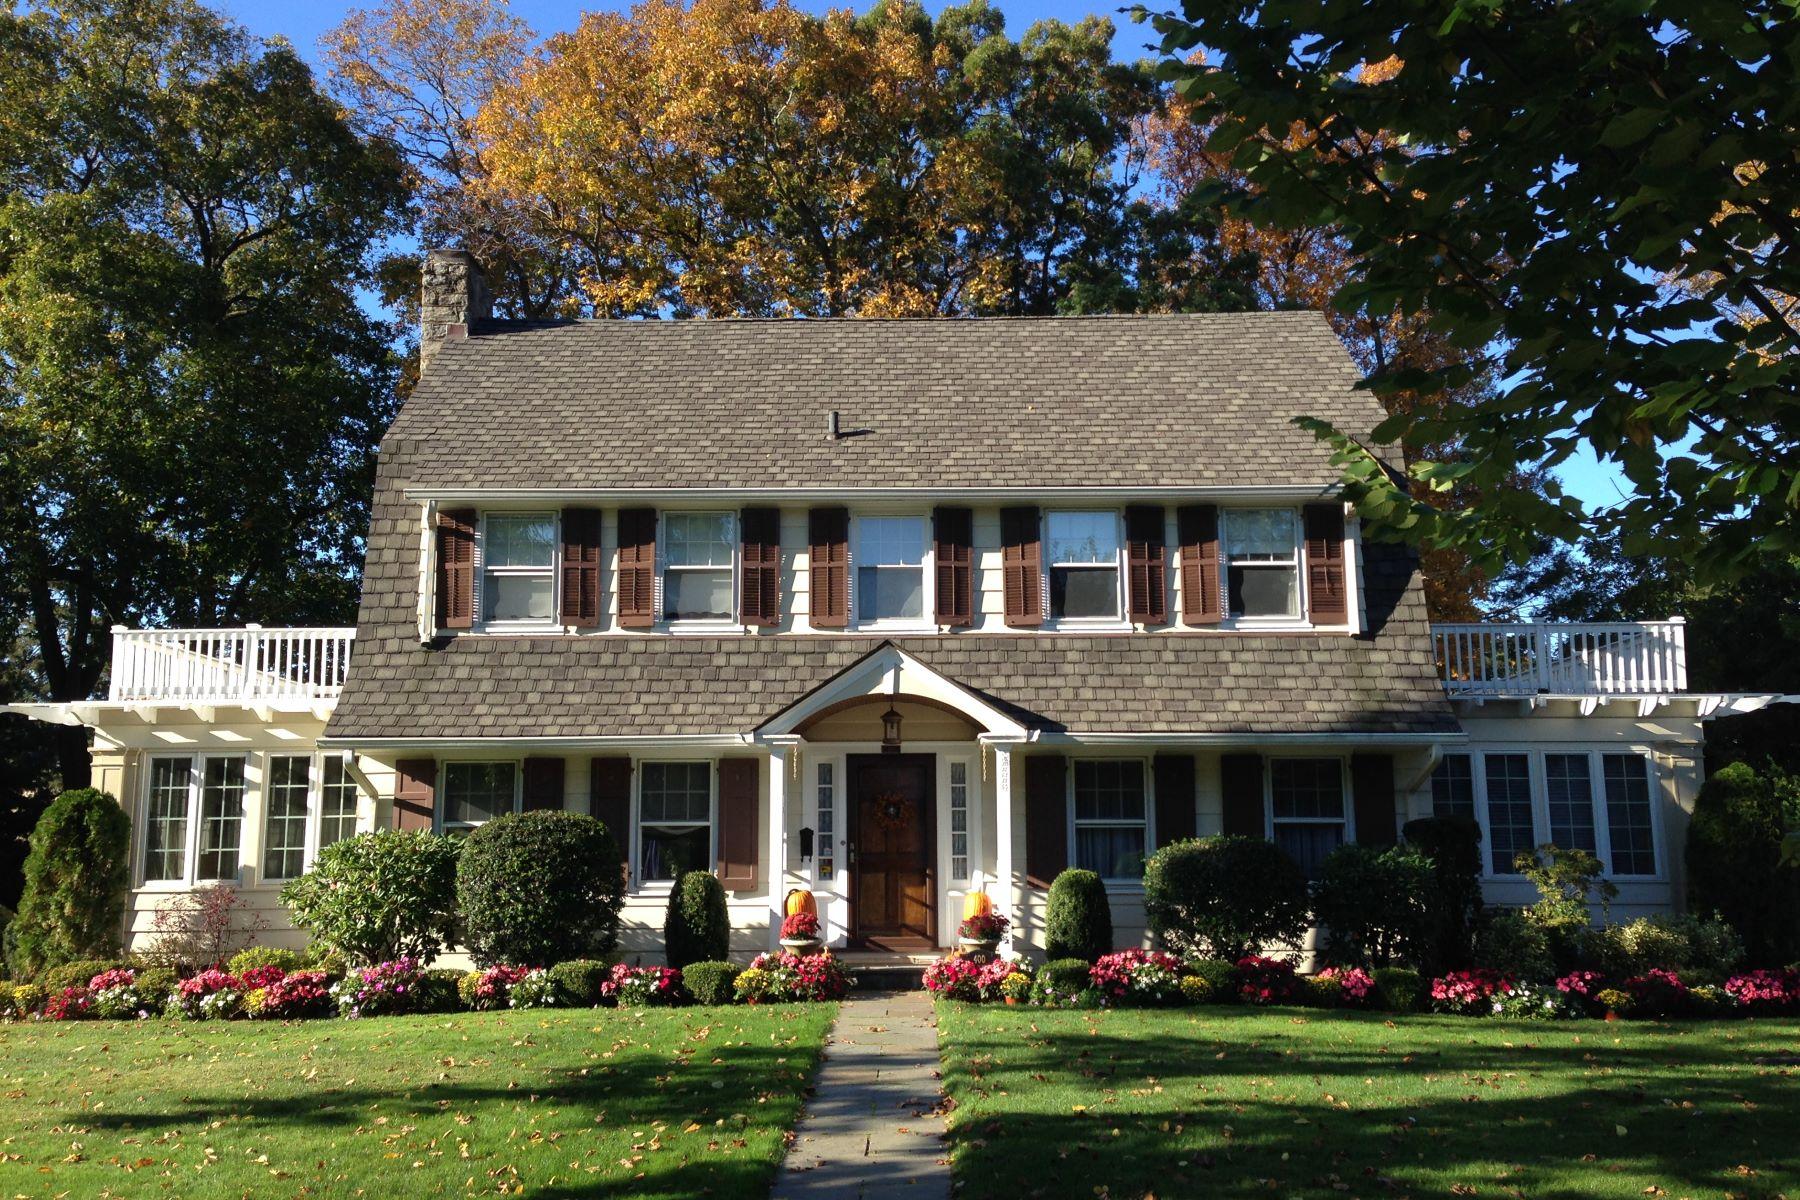 Casa Unifamiliar por un Venta en Sophisticated Center Hall Colonial 400 Carroll Avenue, Mamaroneck, Nueva York, 10543 Estados Unidos